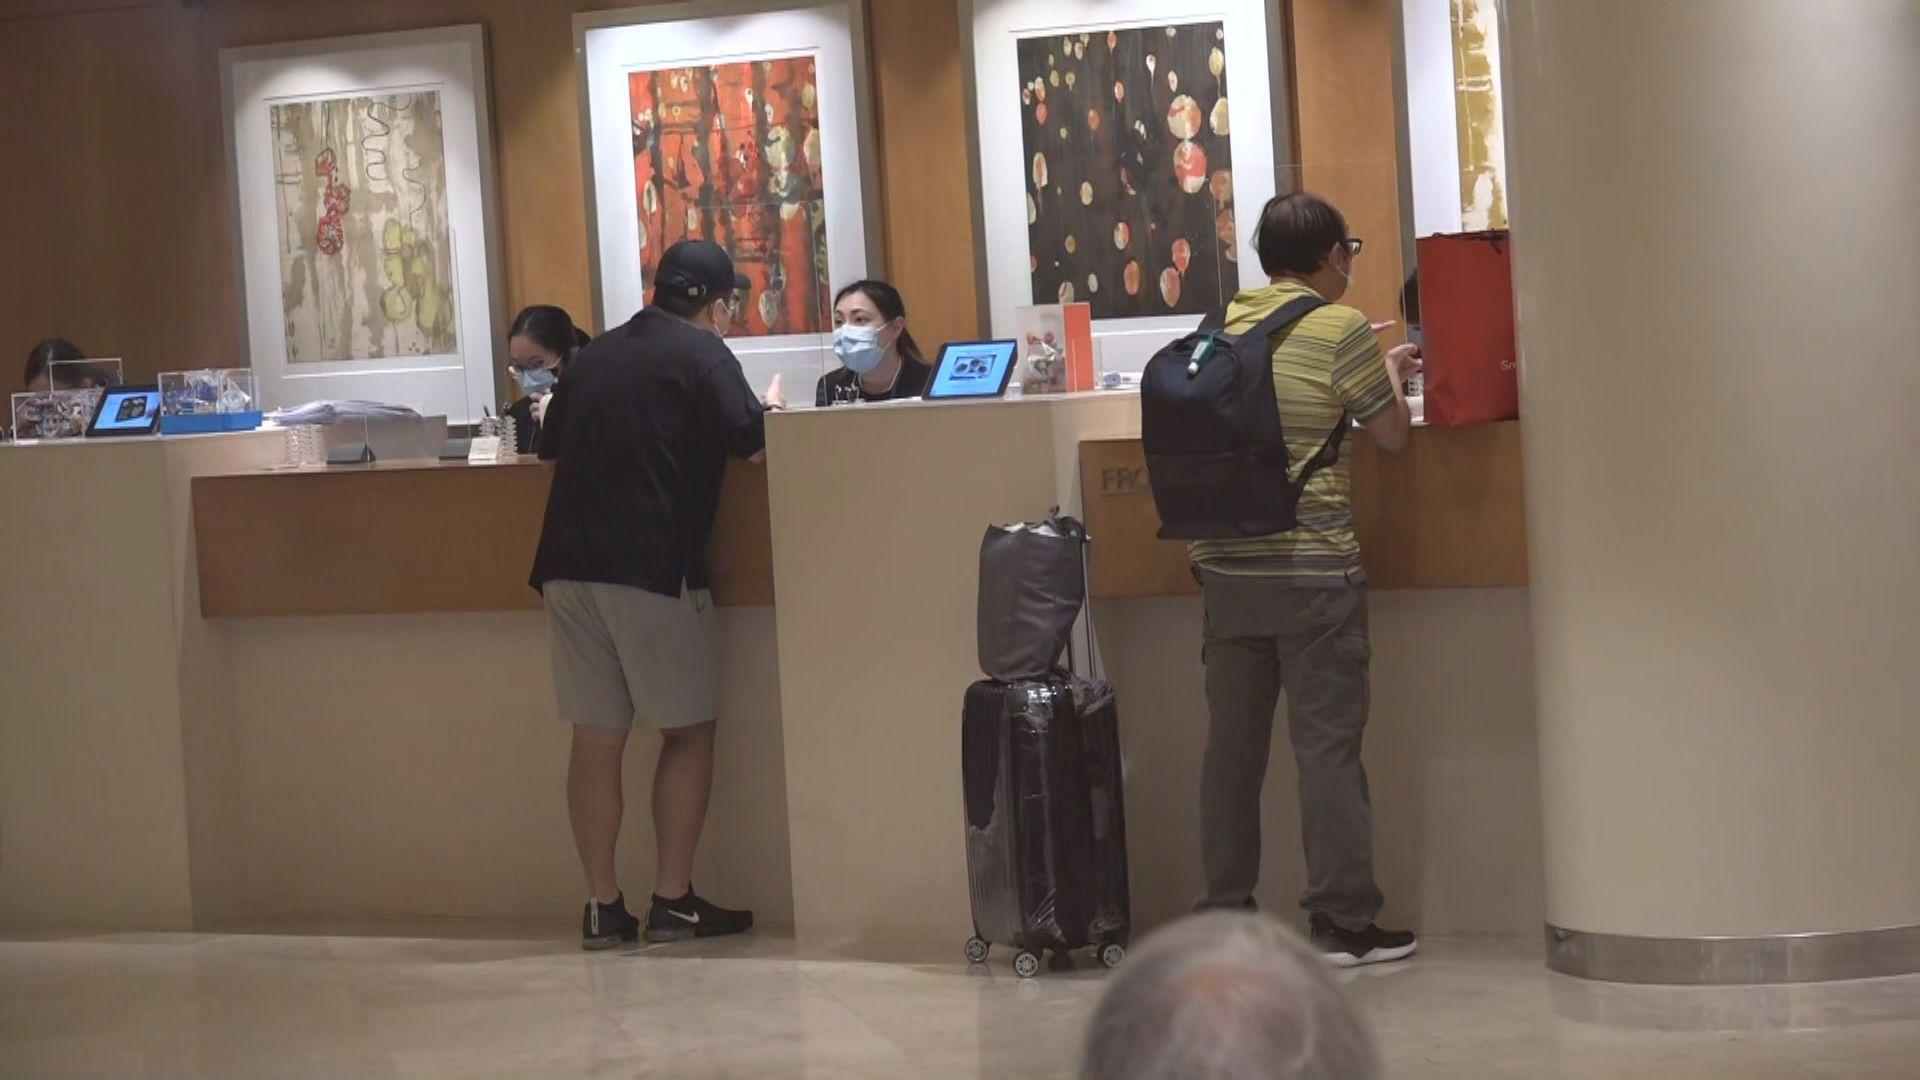 【逾50員工須隔離】消息:本港新增約八宗確診 部分為帝苑酒店職員